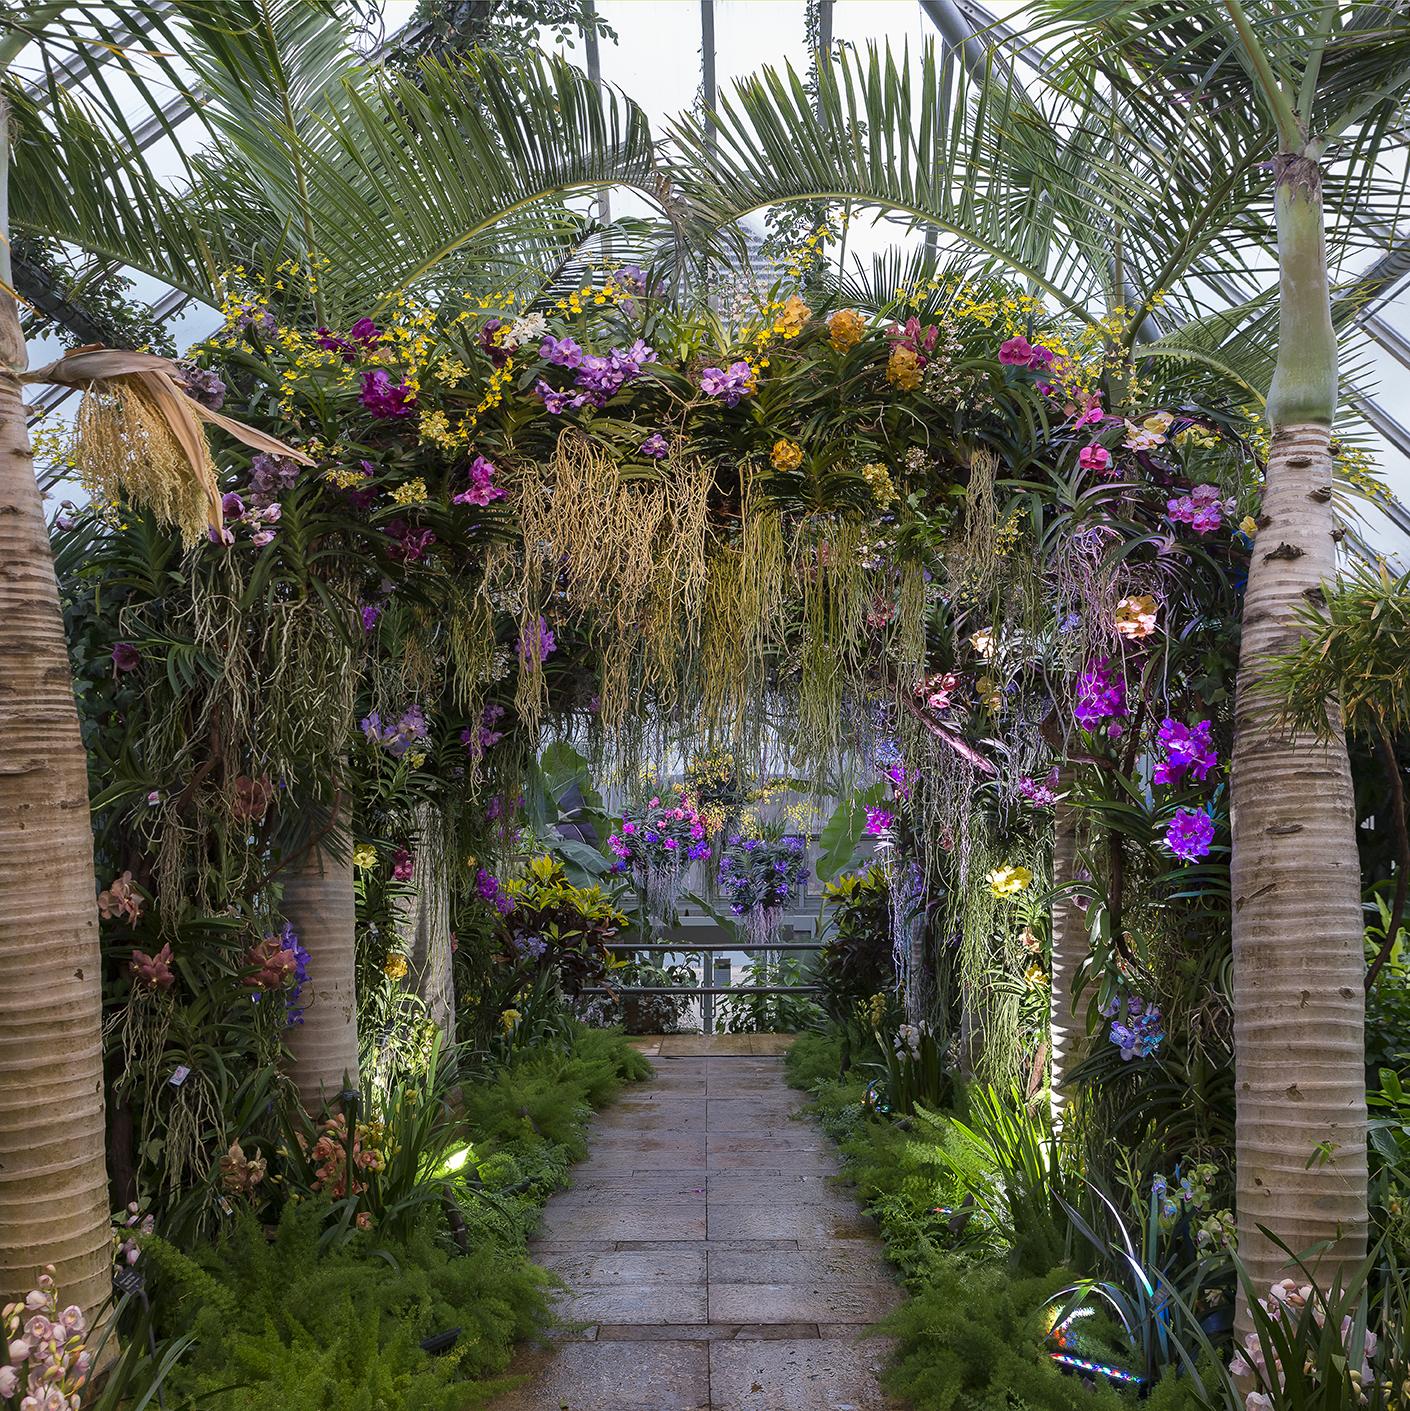 Merveilleux My Chicago Botanic Garden